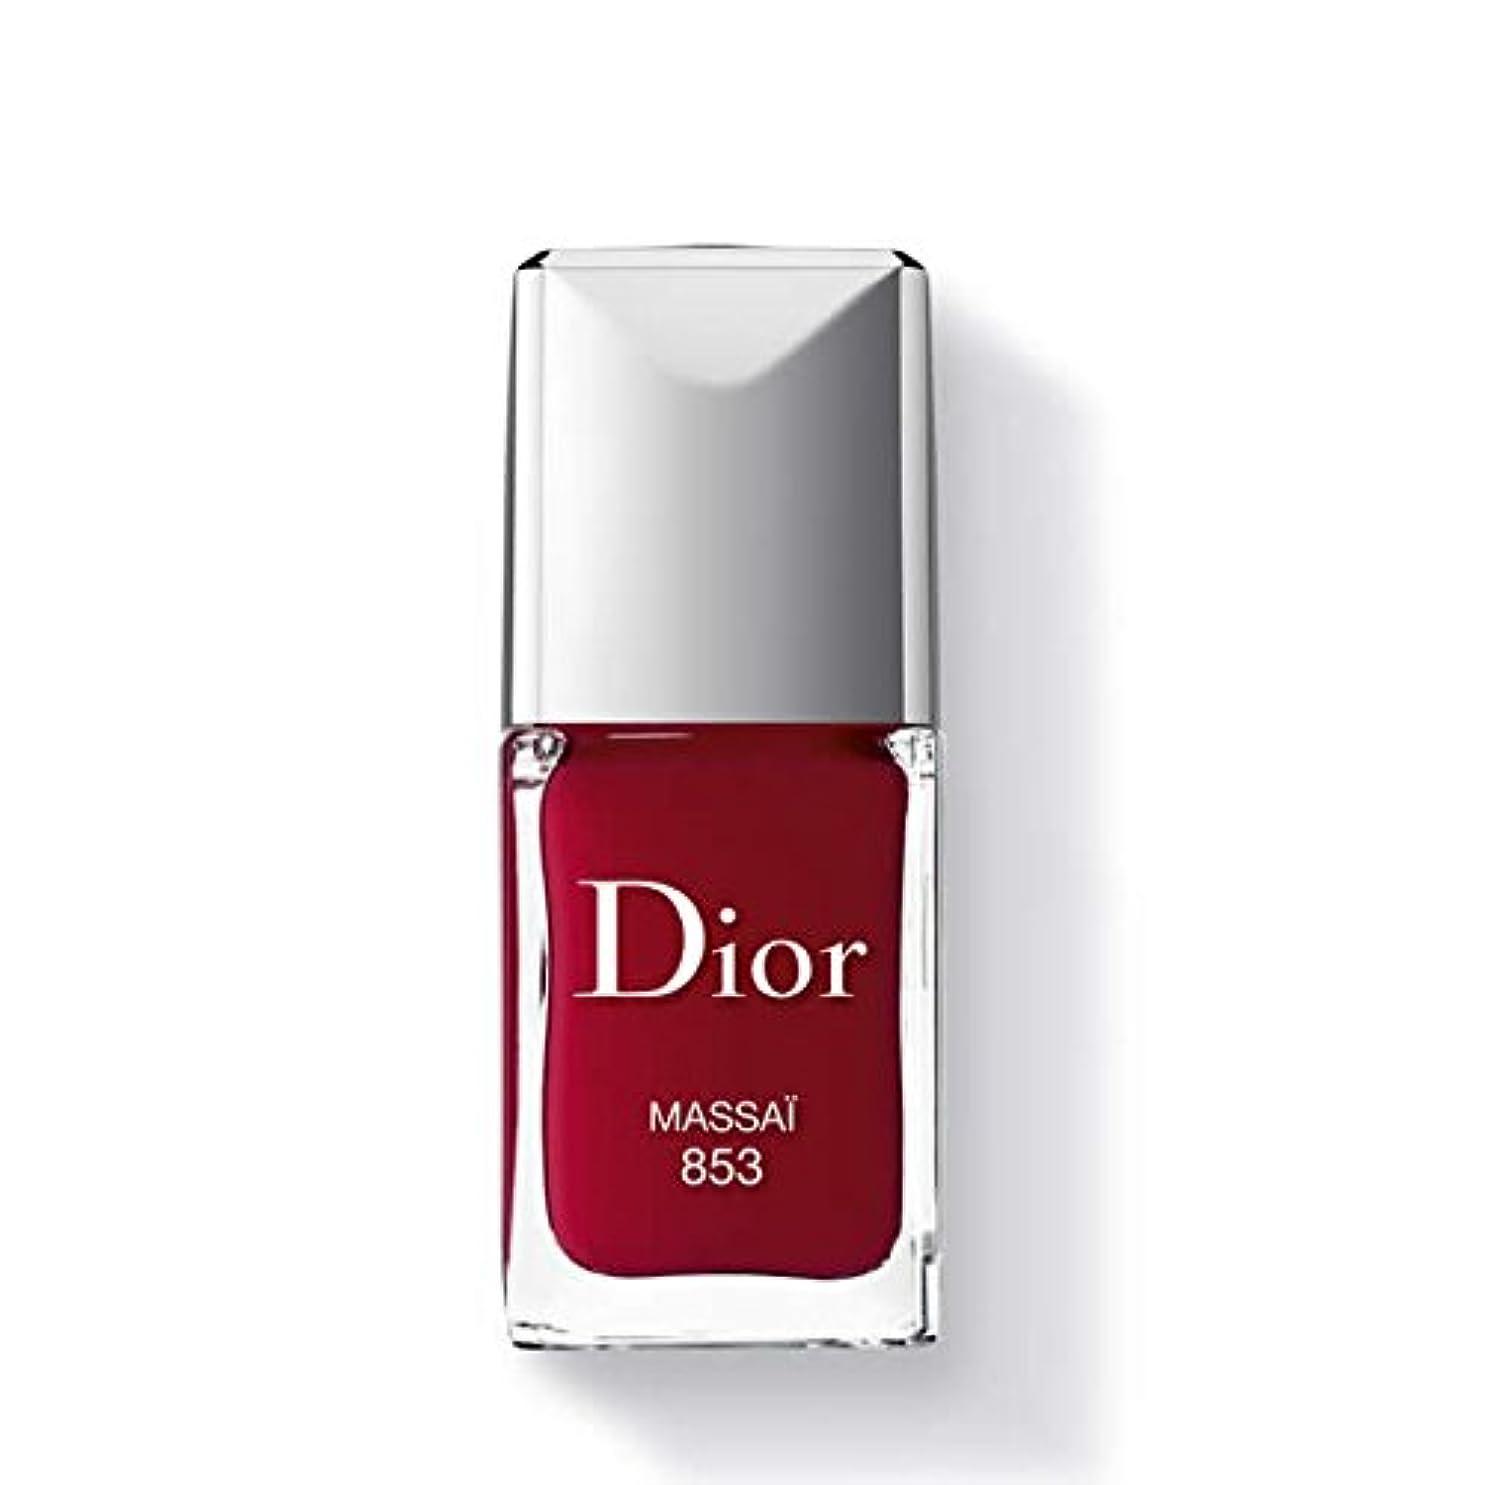 ドメイン舞い上がる酸度Dior ディオールヴェルニ #853 マサイ 10ml [207997] [並行輸入品]